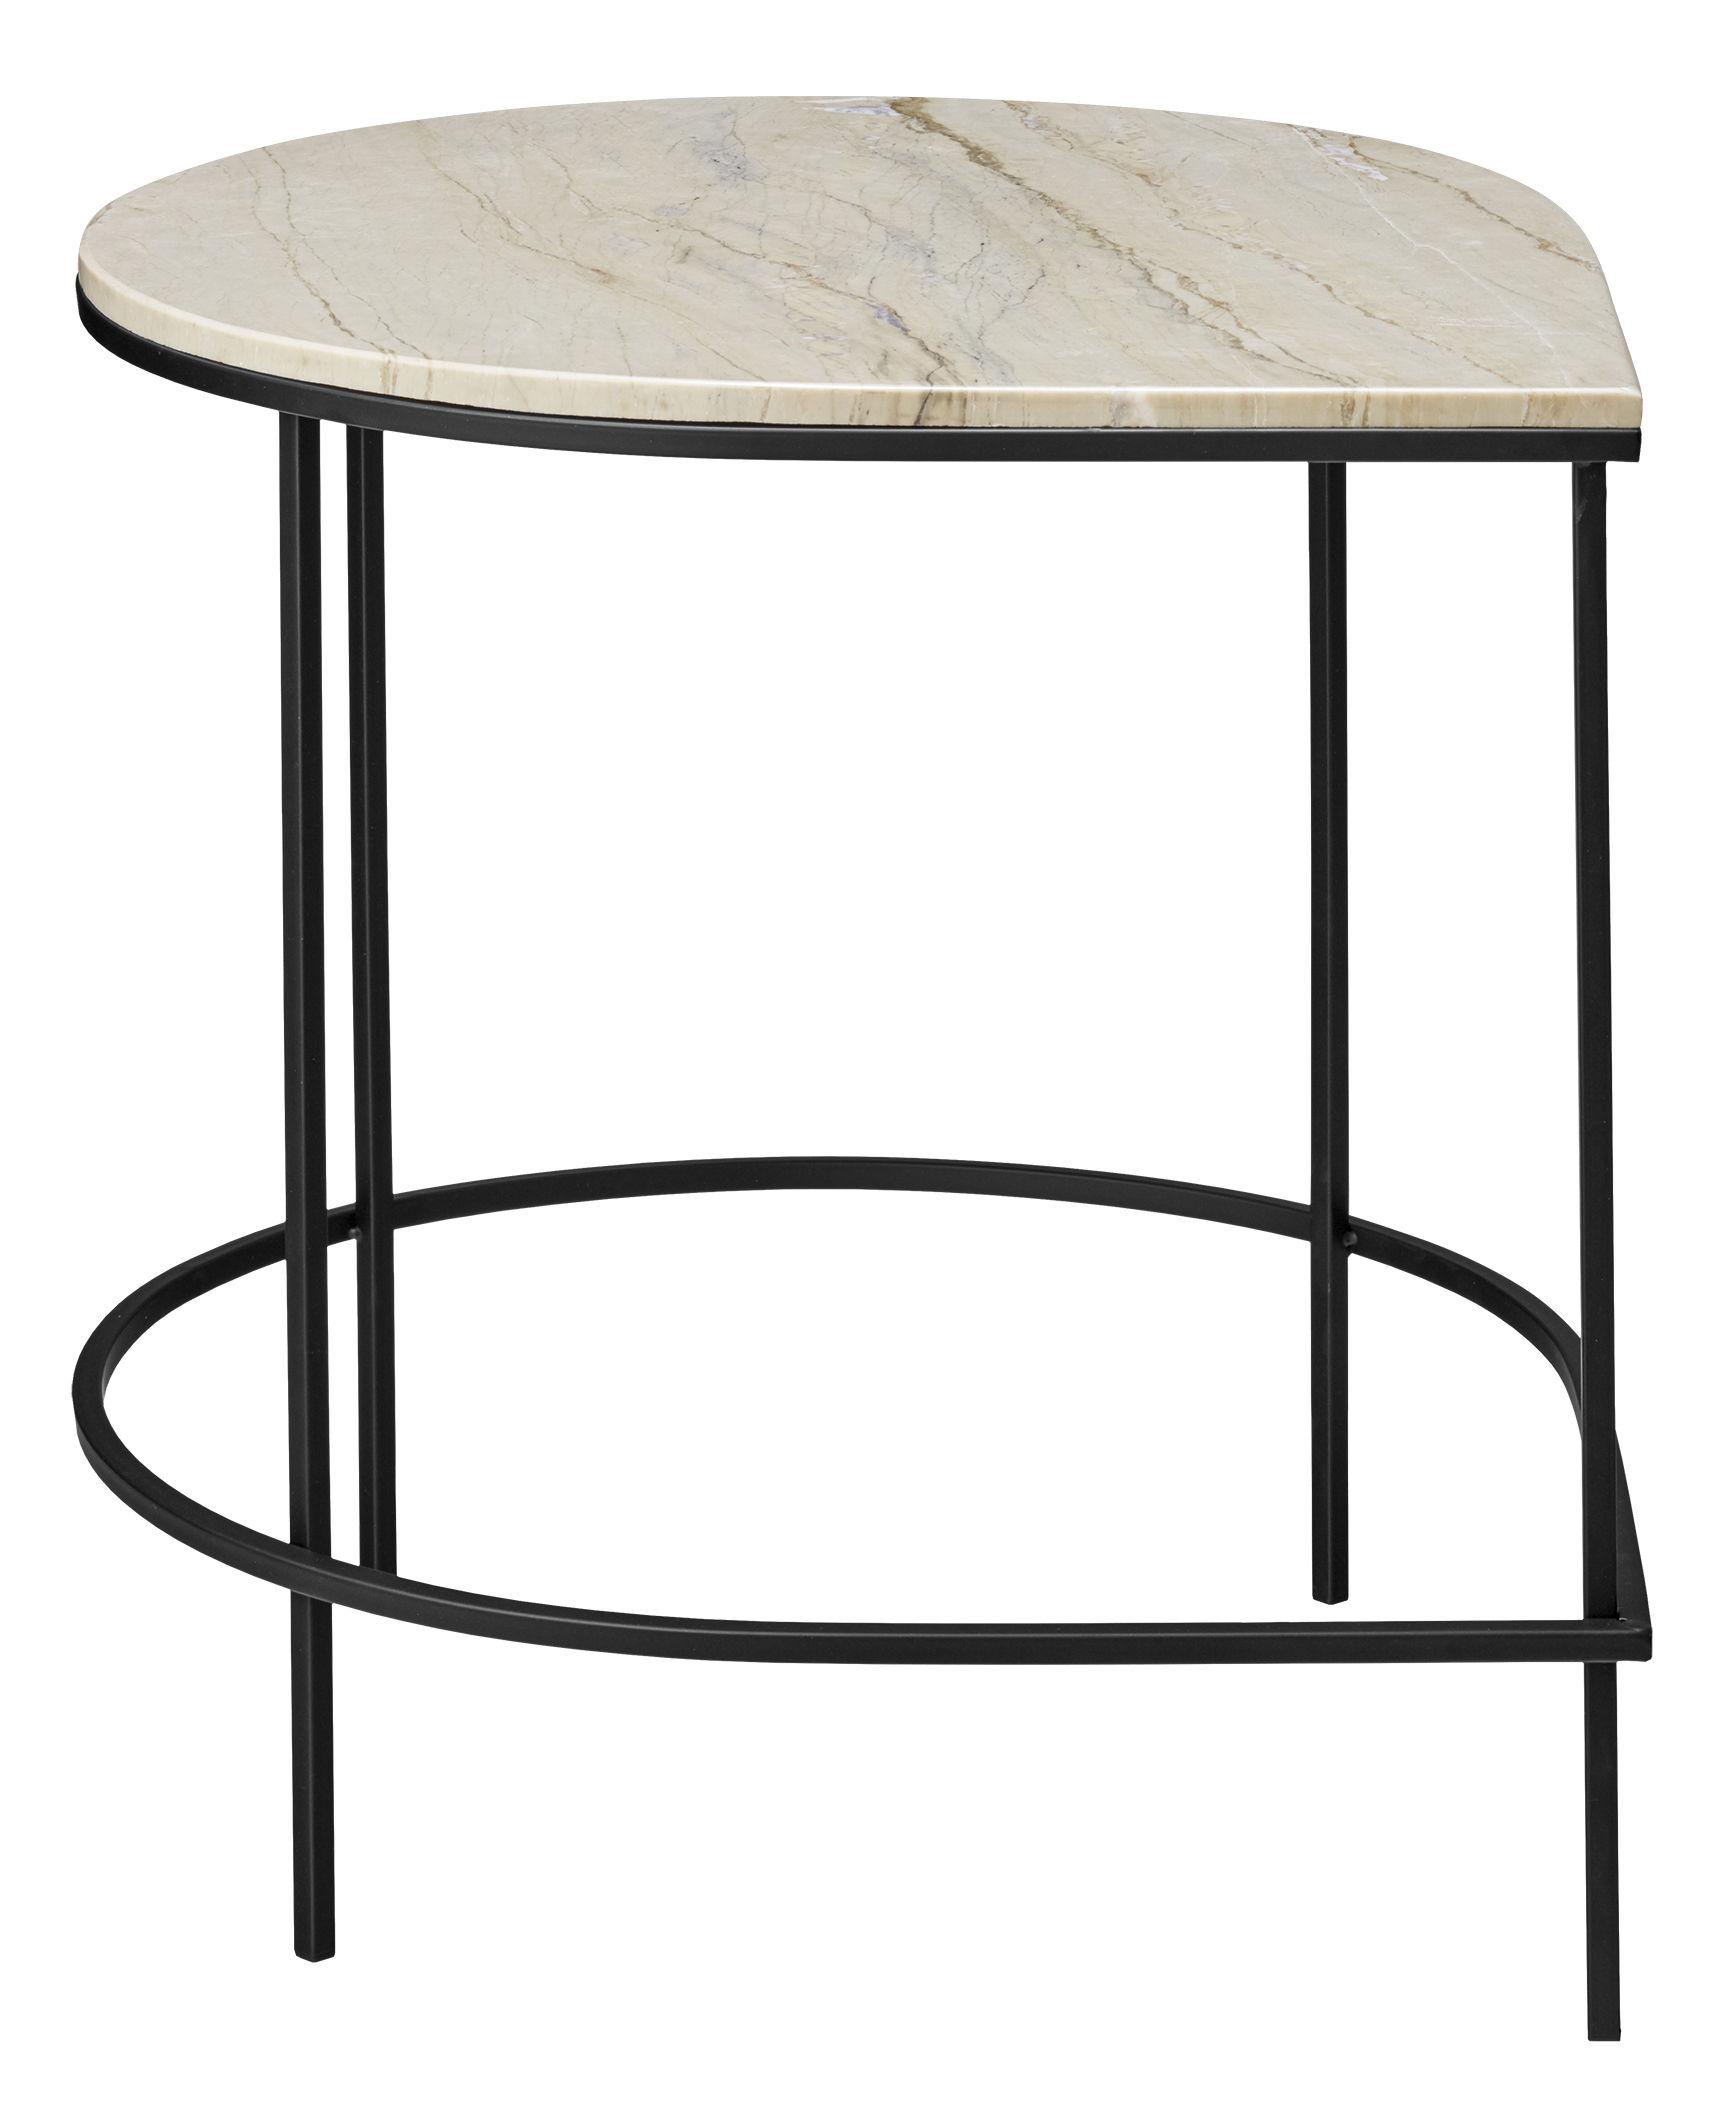 table d 39 appoint stilla plateau marbre h 50 cm marbre blanc pied noir aytm. Black Bedroom Furniture Sets. Home Design Ideas